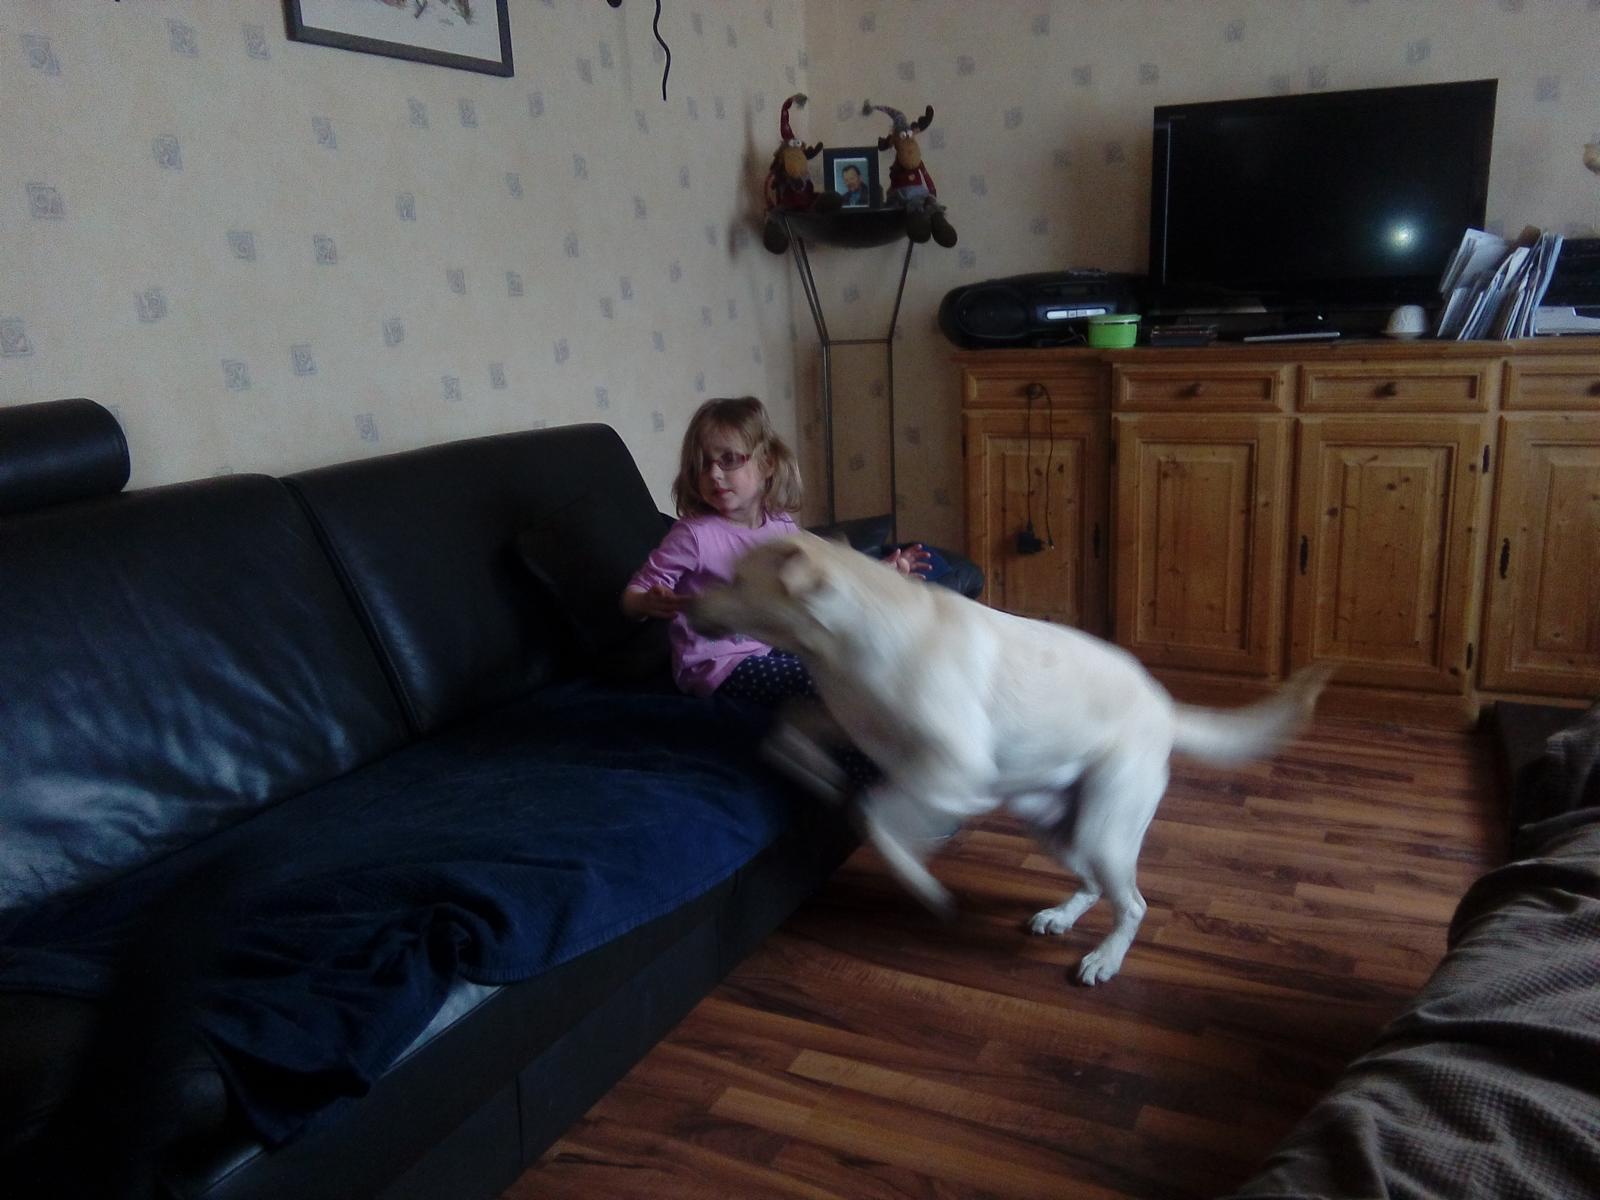 Aili kommt auf die Couch